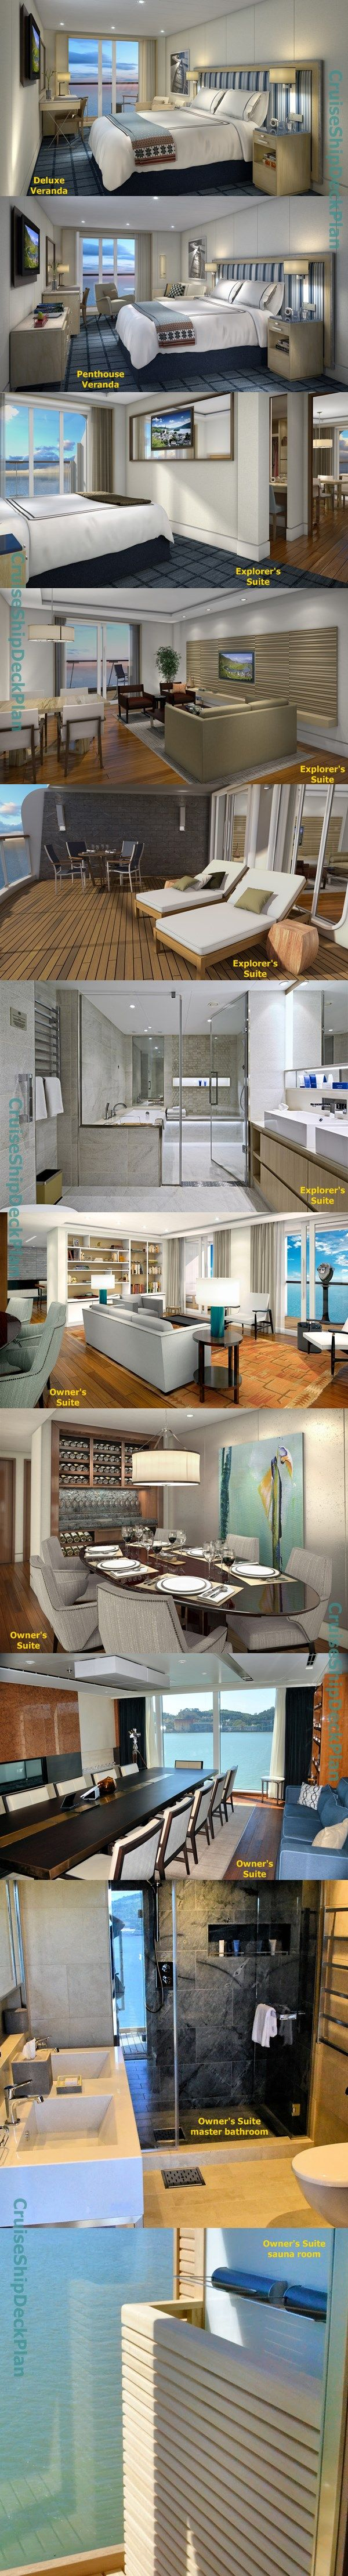 Viking Ocean Cruises Viking Star cabins and suites photos - one unusual perk on Viking is heated bathroom floors! YES!!!!